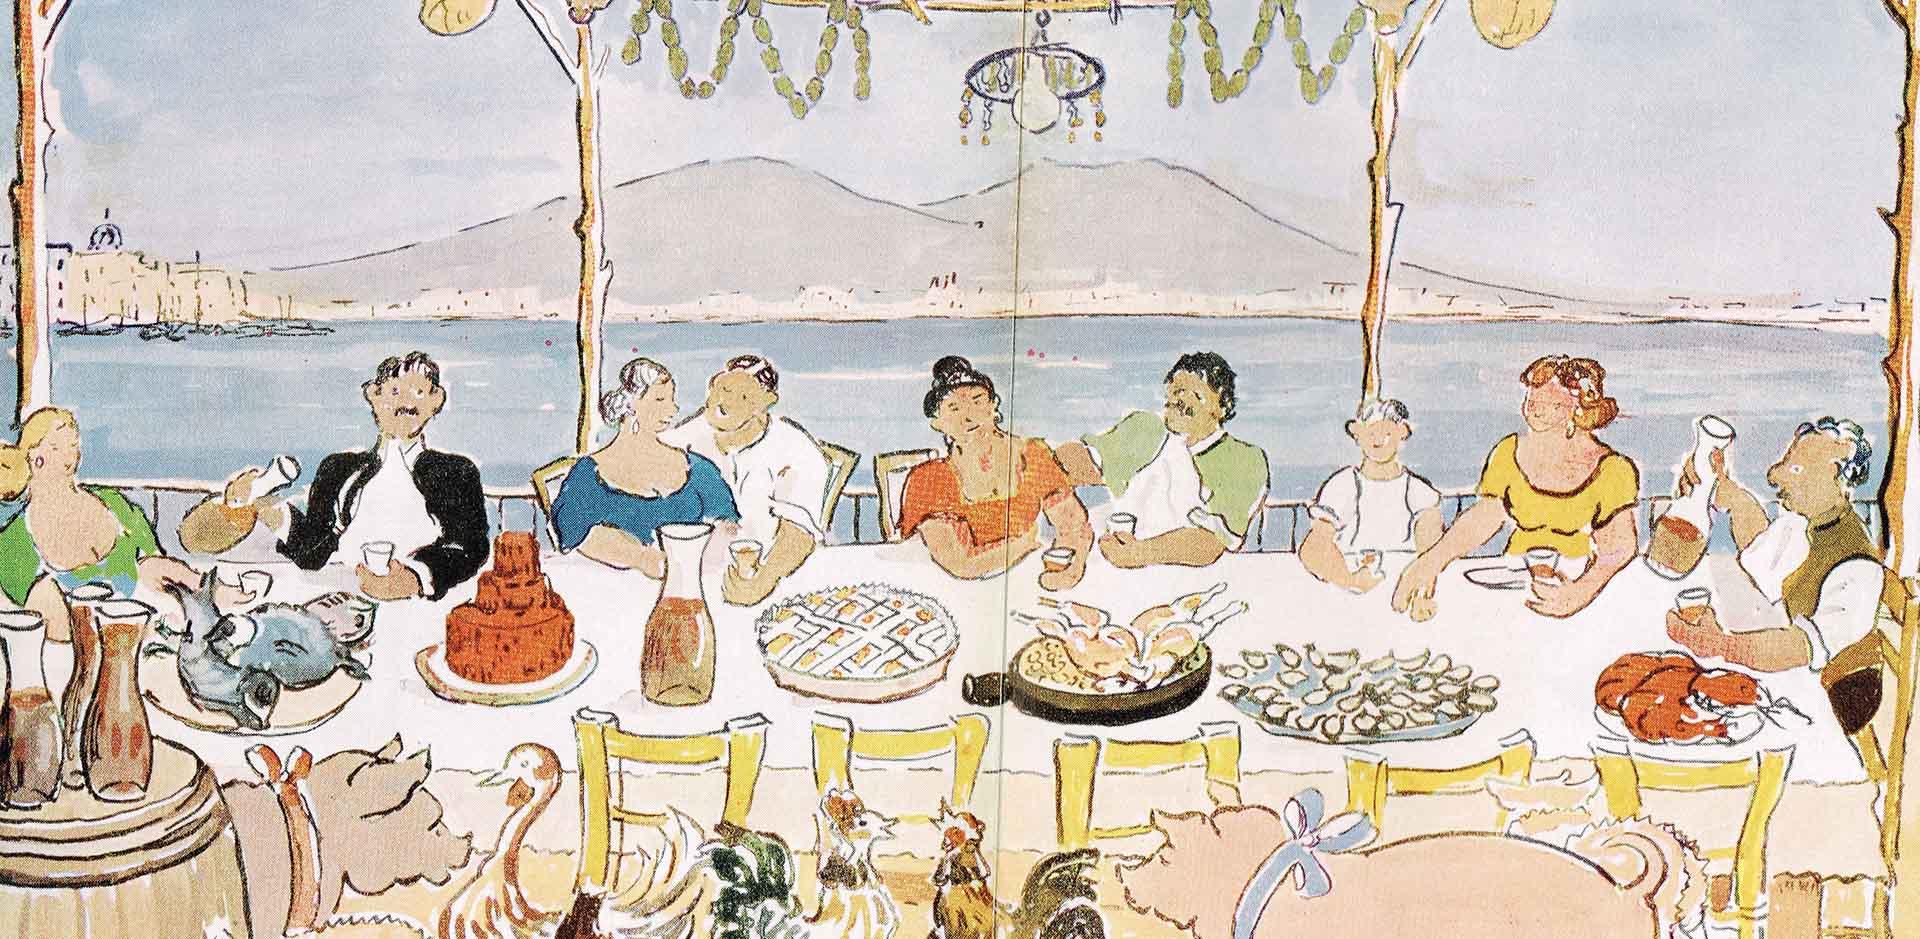 Pastiera, disegno di Mario Cortiello, in Partenope in cucina di Mario Stefanile, AASCT Napoli, 1954